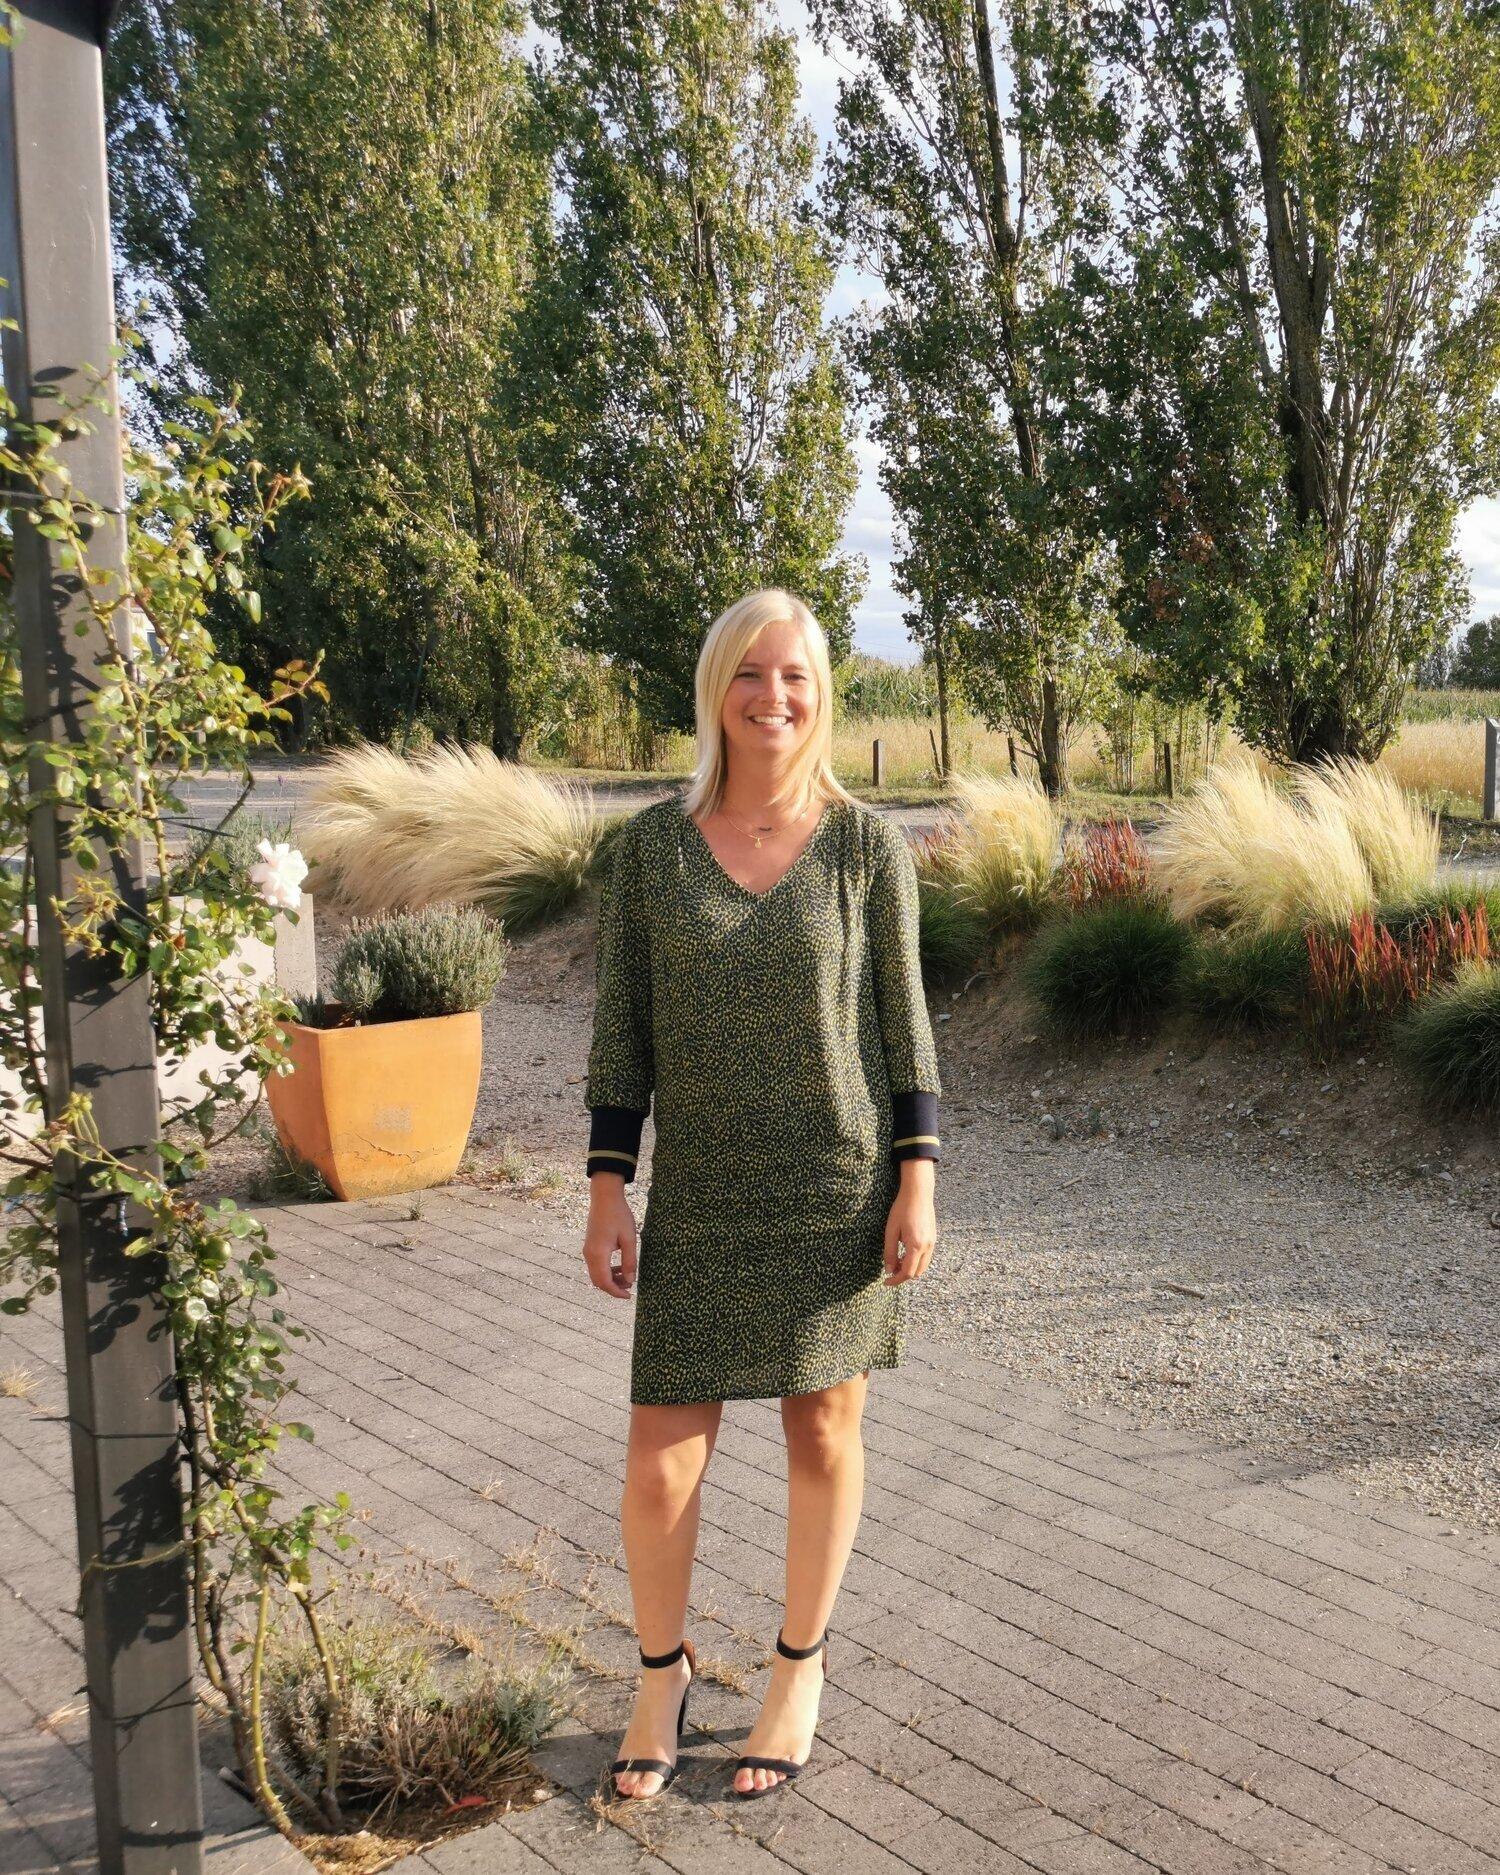 """- Mijn naam is Sarah De Broe, ik ben master in de logopedie en ben tevens de coördinator van deze praktijk. Tijdens en na mijn studies deed ik ervaring op in een school voor buitengewoon onderwijs, ziekenhuizen en rusthuizen en in groepspraktijken. Al snel kriebelde het om mijn eigen groepspraktijk op te richten. In 2013 kreeg ik deze kans en richtte ik """"Groepspraktijk Het Veld"""" op in het mooie, rustige Vissenaken.Gaande weg specialiseerde ik me als logopediste vooral in leerstoornissen (dyslexie, dyscalculie,…) en taal- en articulatiestoornissen bij kinderen. Ook deed ik heel wat ervaring op in het behandelen van volwassenen en ouderen met neurologische spraak-, taal- en slikproblemen. Nog steeds school ik me geregeld bij om bij te blijven met de nieuwste technieken en therapievormen. Hieronder vindt u een lijst van de bijscholingen en opleidingen die ik volgde.Ik hecht veel belang aan een goede samenwerking met scholen, artsen en andere betrokken partijen.Samen met de patiënt ga ik op zoek naar de meest geschikte werkwijze. Zodat we samen de best mogelijke resultaten in de wacht kunnen slepen.Neem een kijkje op de volgende pagina's en ontdek hoe ik u kan verder helpen.Bijscholingen en opleidingen:""""Leesvaardigheid bij kinderen verhogen"""" (Willewete)""""Therapiemateriaal bij ontwikkelingsdysfasie""""(Sig) """"Typ10 Traininscursus"""" (C&Explore) """"Slikproblemen bij volwassenen"""" (HO.Gent)*Workshop: """"Positionering slikpatiënten en het gebruik van specifieke                  hulpmiddelen bij de maaltijdbegeleiding.""""* Workshop: """"Slikmanoeuvres"""" """"Communicatie bij personen met dementie"""" (Thomas More)Workshop: """"Cleverkids"""" (Eureka)Intensieve opleiding: """"Lees- en spellingscoach"""" (Eureka) """"Ontwikkelingsdysfasie"""" (Sig) """"Fonetische en fonologische articulatietherapie"""" (Sig)""""Het gehoor beoordeeld"""" (Associatiesymposium Katholieke Universiteit Leuven)""""Communicatieproblemen bij personen met intellectuele beperkingen"""" (Katholieke Universiteit Leuven)Workshop: """"Proeven van stempraktijk"""" (K.U.Leuv"""